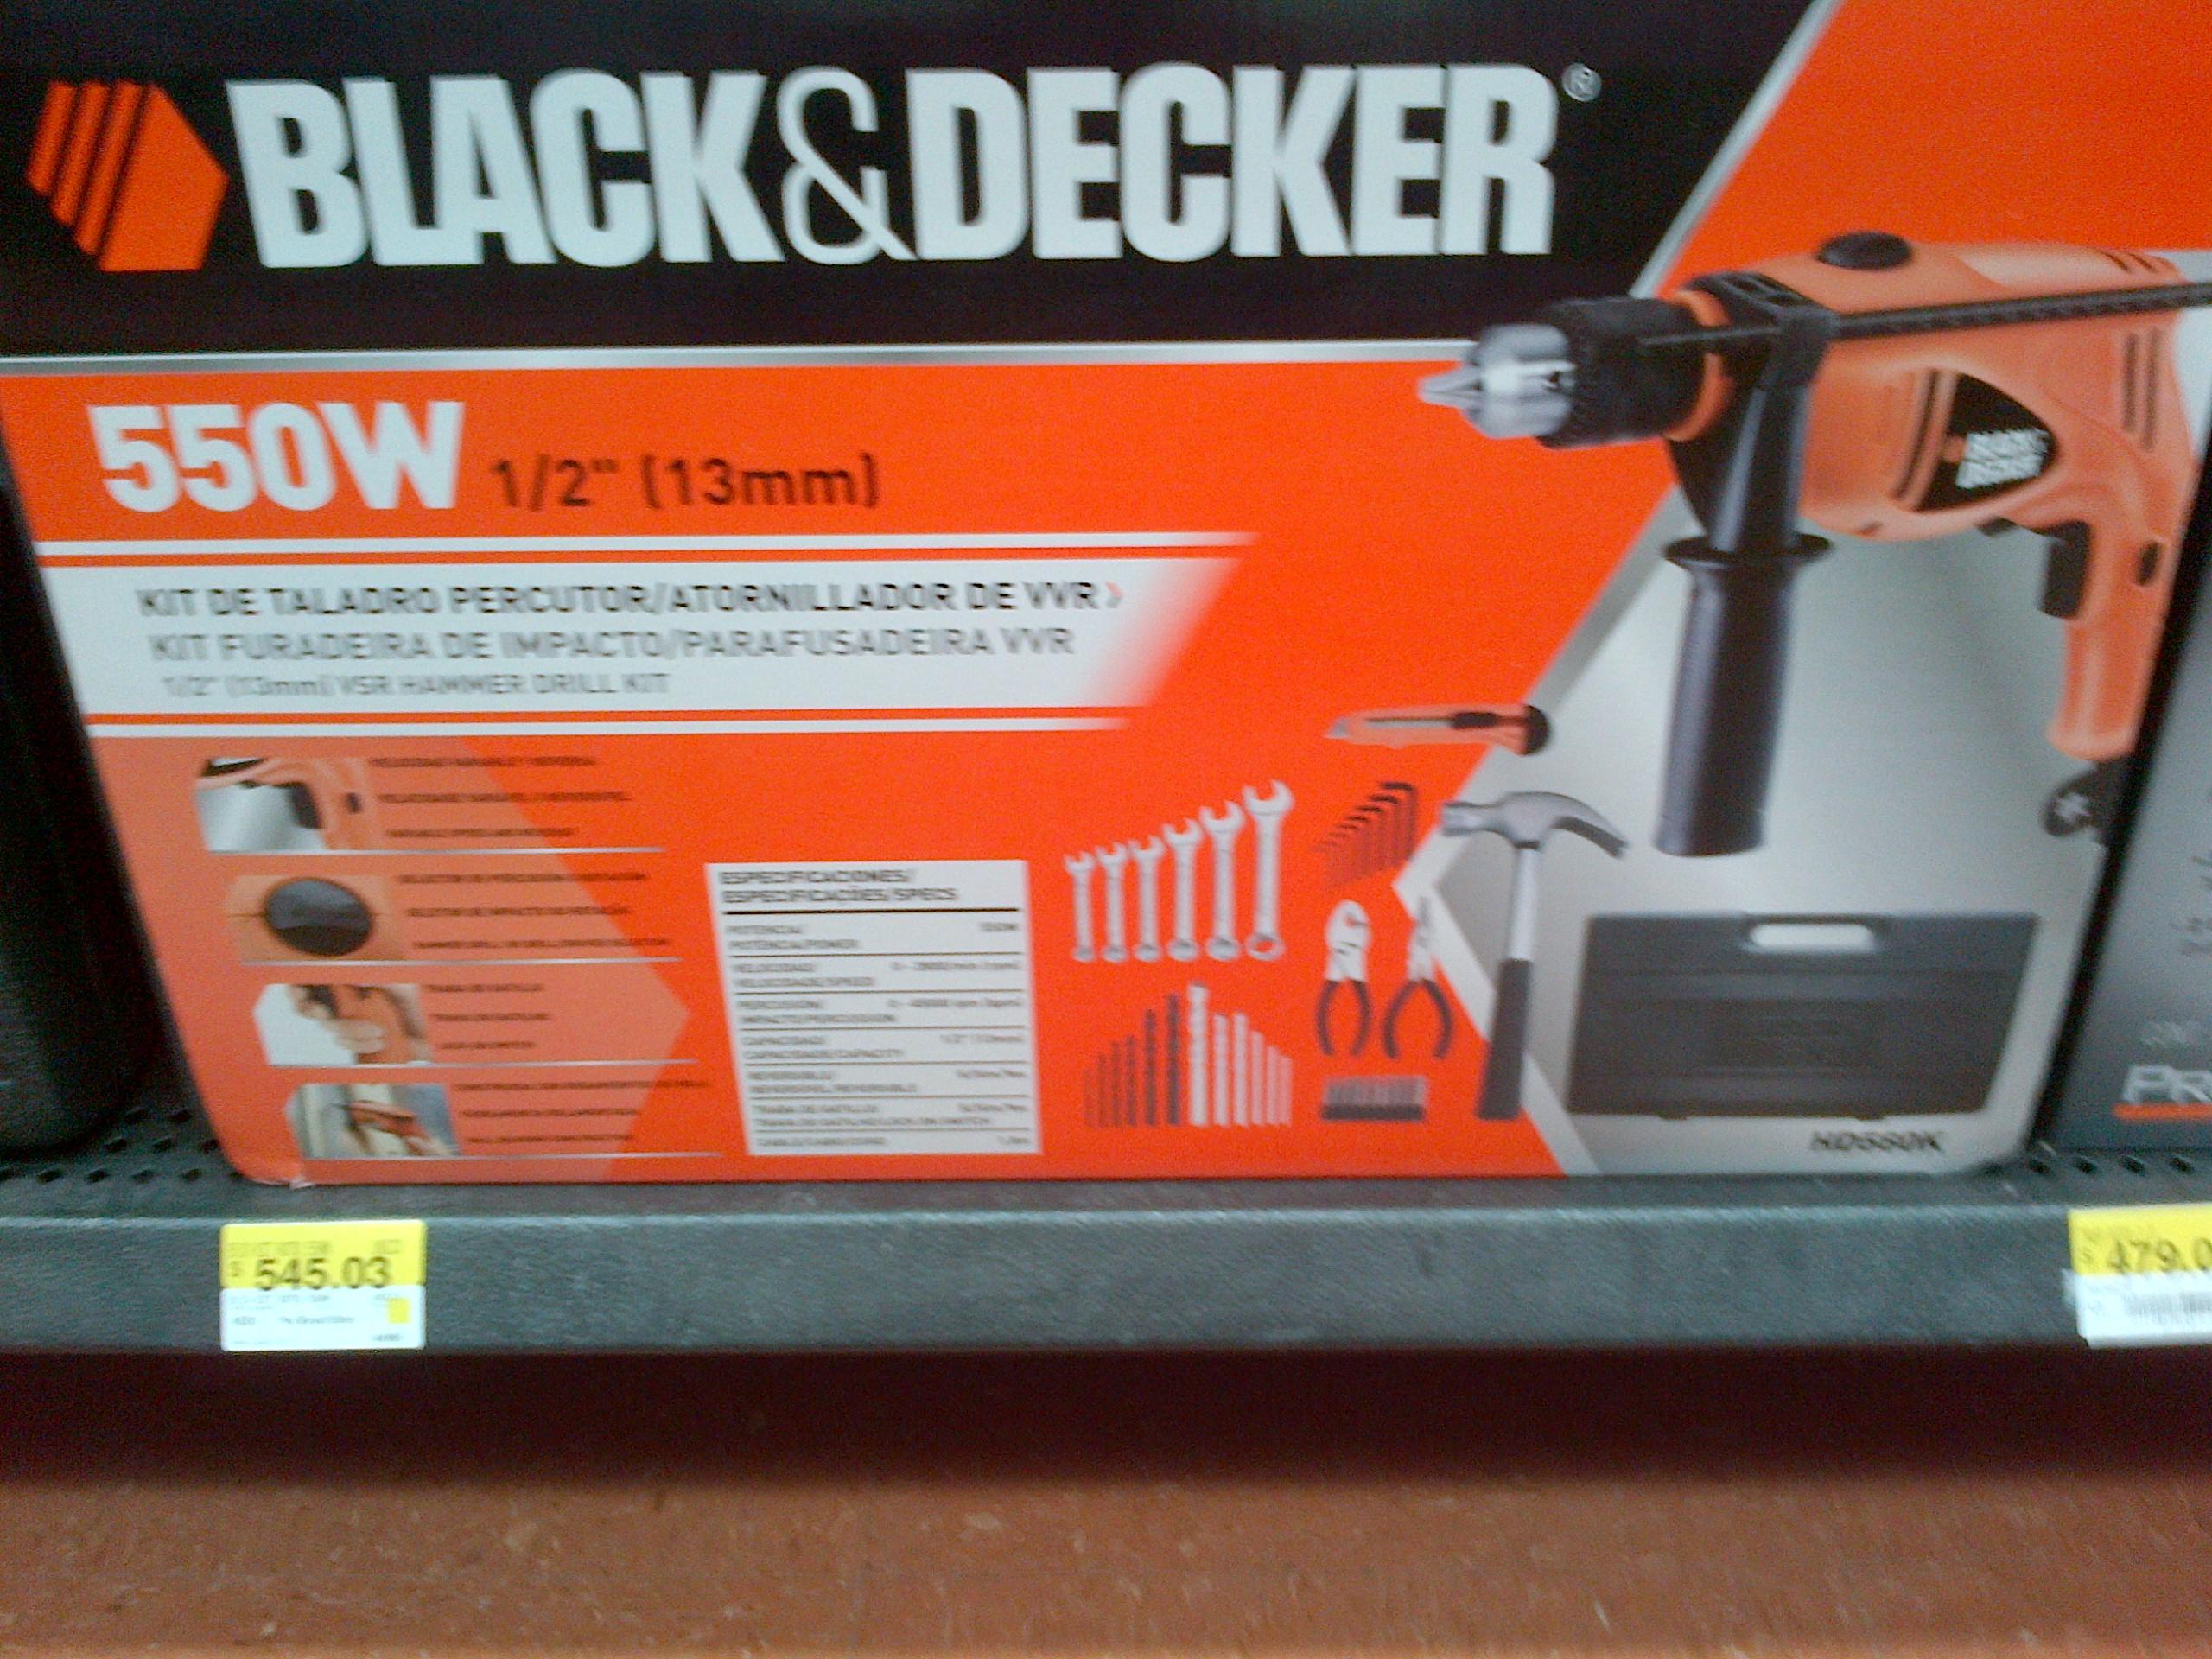 Walmart centrika Mty: Actualización, rebaja kit taladro, llaves, martillo, estuche pinzas $325.02